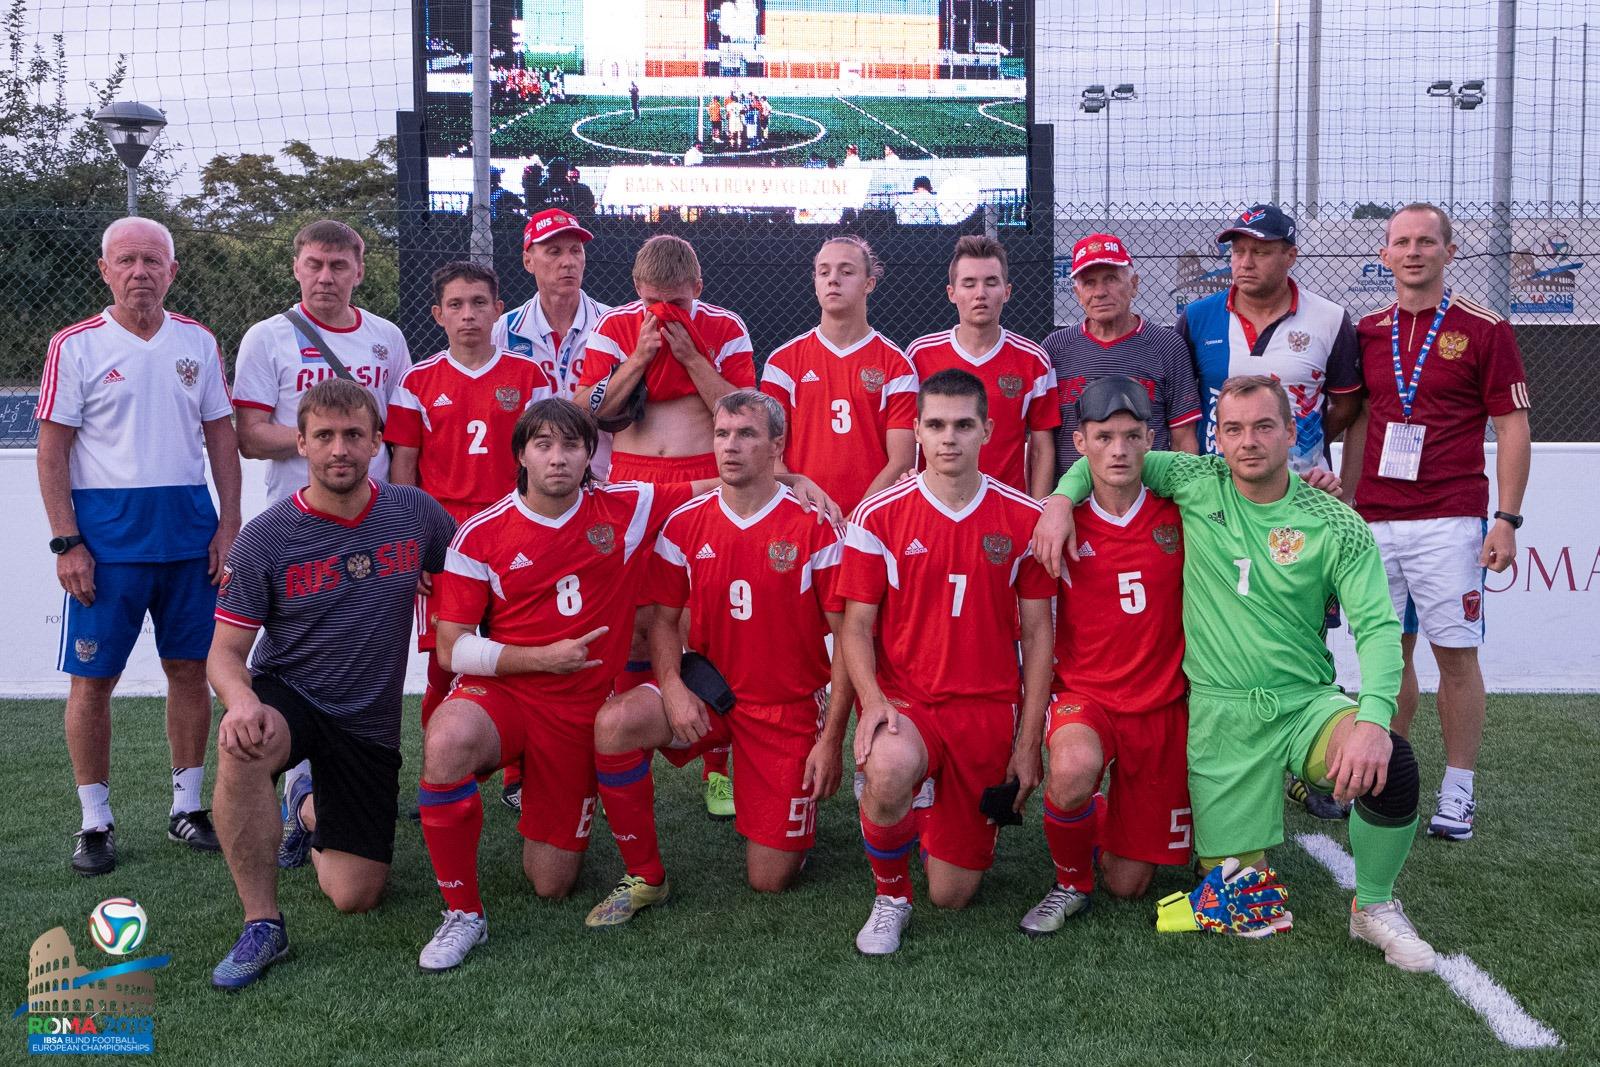 Сборная команда России по мини-футболу 5х5 класс В1 (тотально-слепые спортсмены) заняла 5-е место на чемпионате Европы в Италии